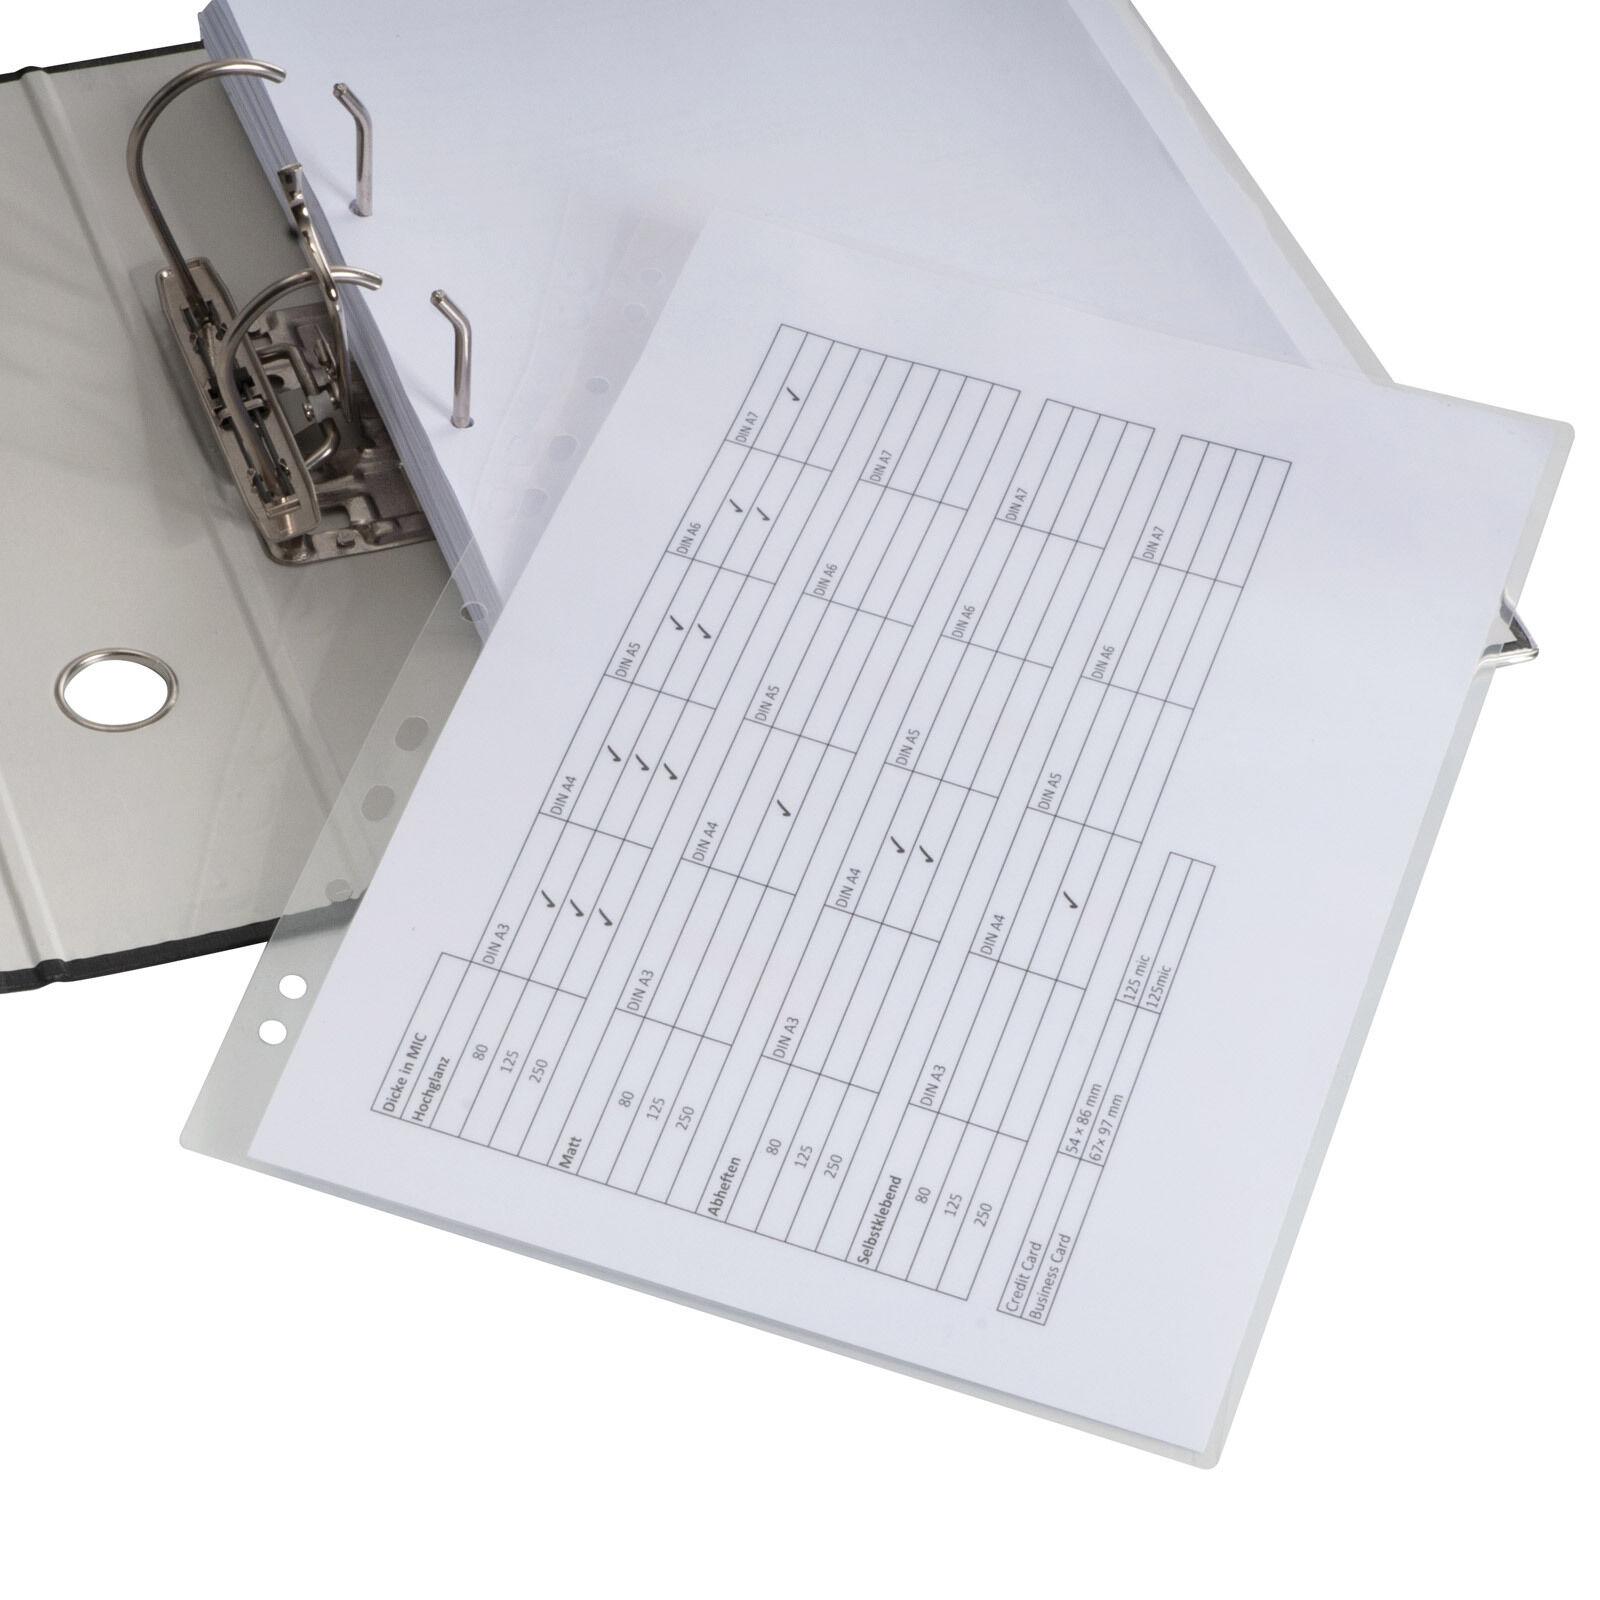 Schutzfolie Laminierfolie für Arbeitsblätter Lehrmaterial Urkunden Zertifikate   Innovation    Gutes Design    Preiszugeständnisse